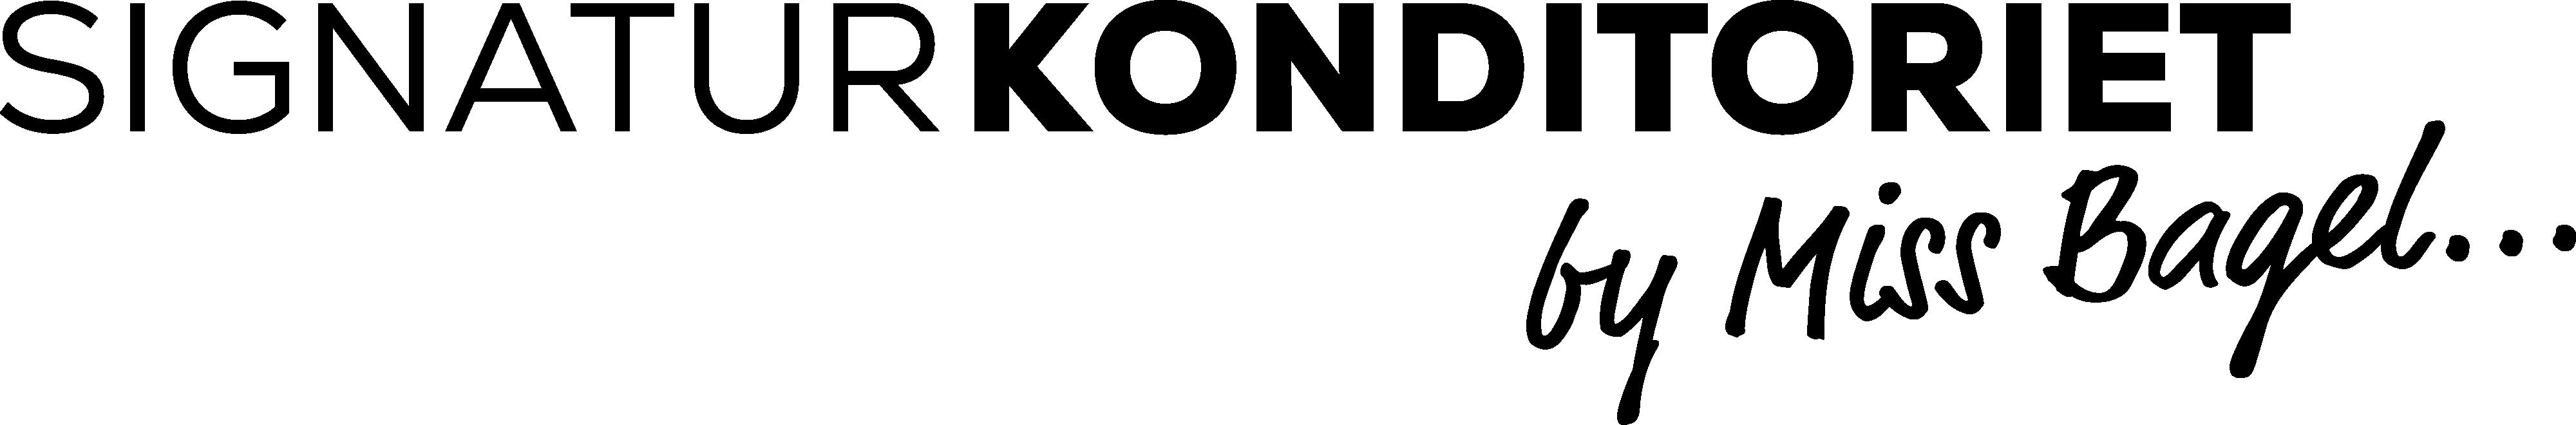 Signatur Konditoriet logo